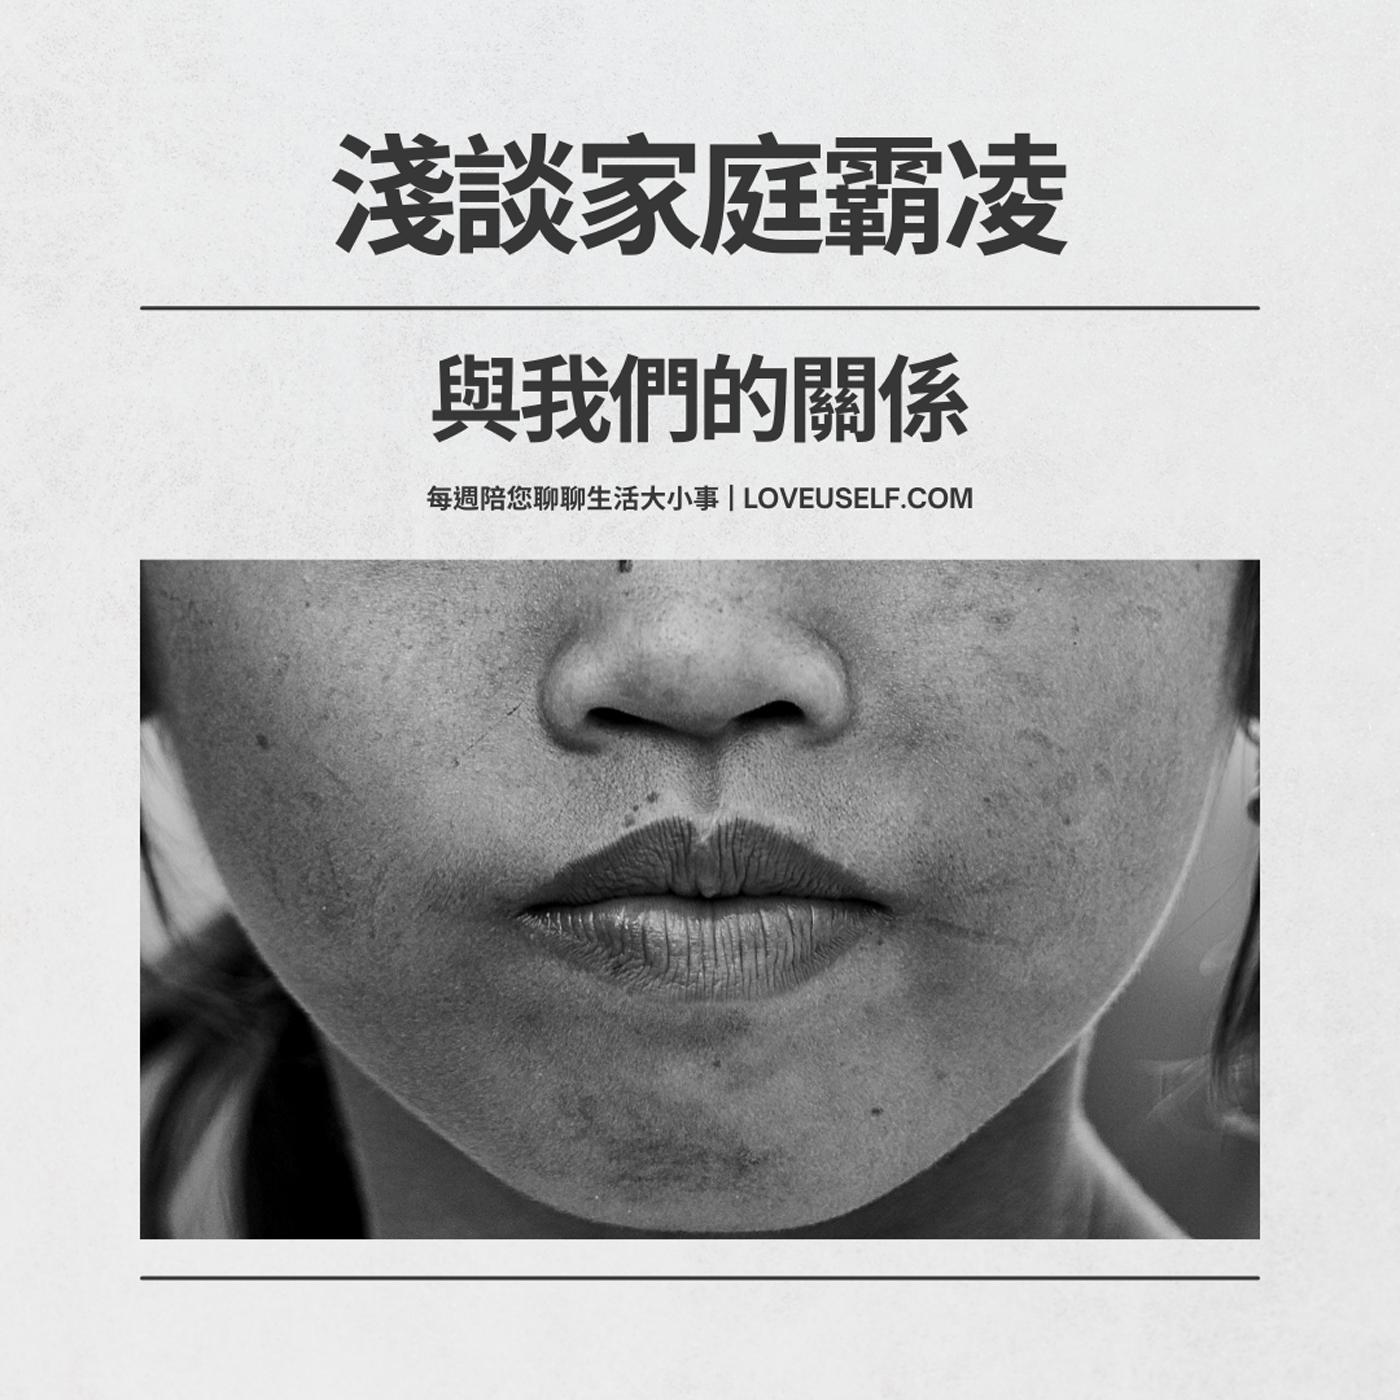 #EP42社會篇:淺談家庭霸凌與我們的關係  ❤️